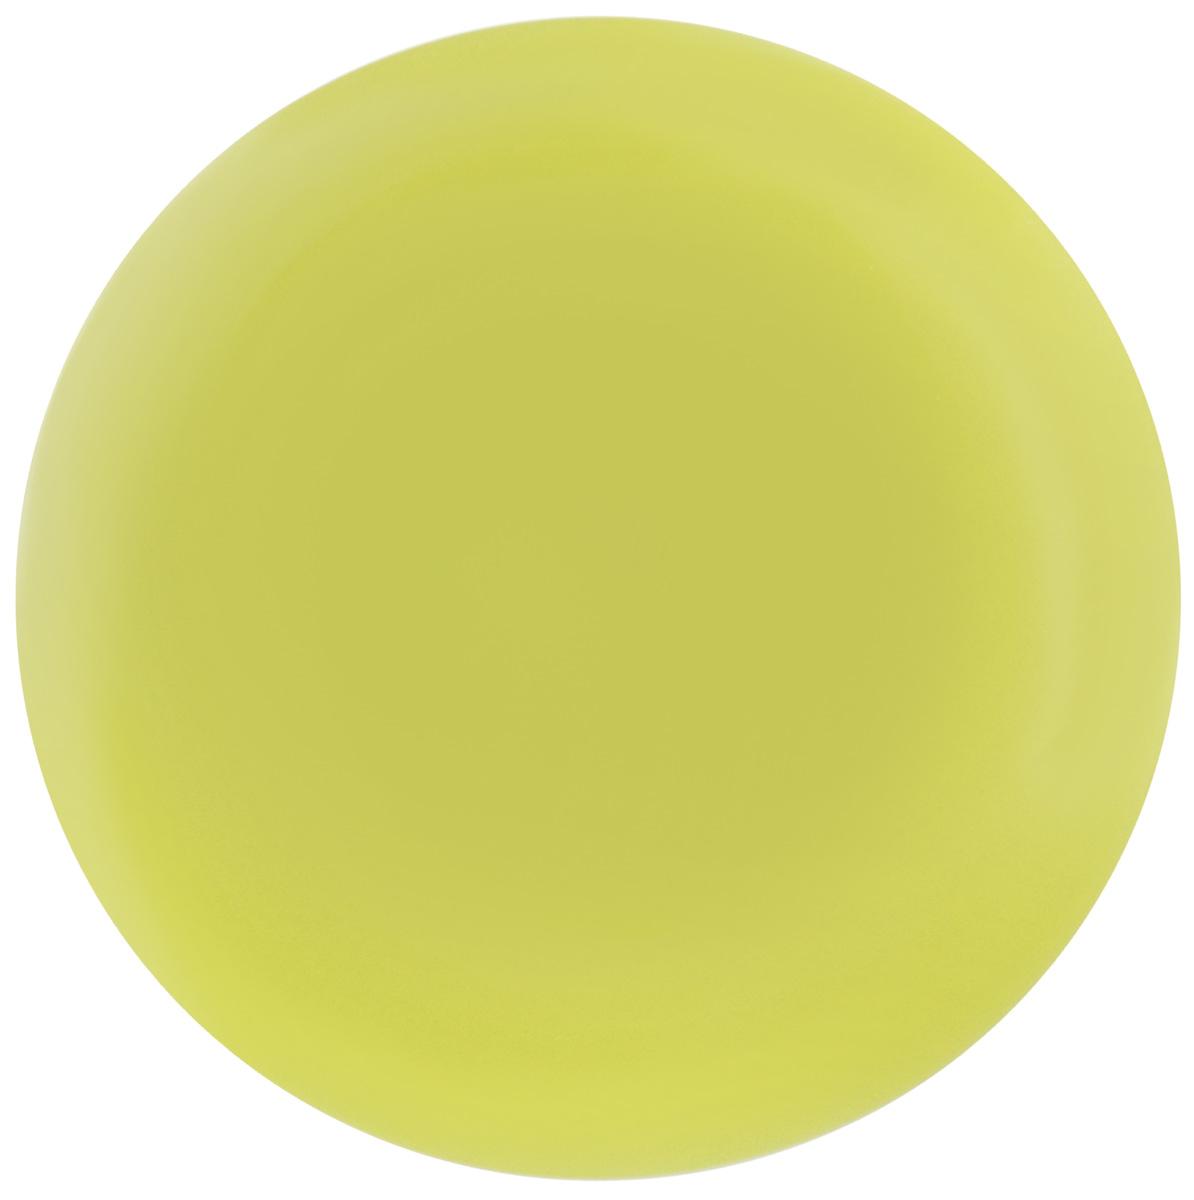 Тарелка NiNaGlass Палитра, цвет: зеленый, диаметр 30 см85-300-125псзТарелка NiNaGlass Палитра выполнена из высококачественного стекла яркий насыщенный цвет. Тарелка идеальна для подачи вторых блюд, а также сервировки закусок, нарезок, салатов, овощей и фруктов. Она отлично подойдет как для повседневных, так и для торжественных случаев. Такая тарелка прекрасно впишется в интерьер вашей кухни и станет достойным дополнением к кухонному инвентарю.